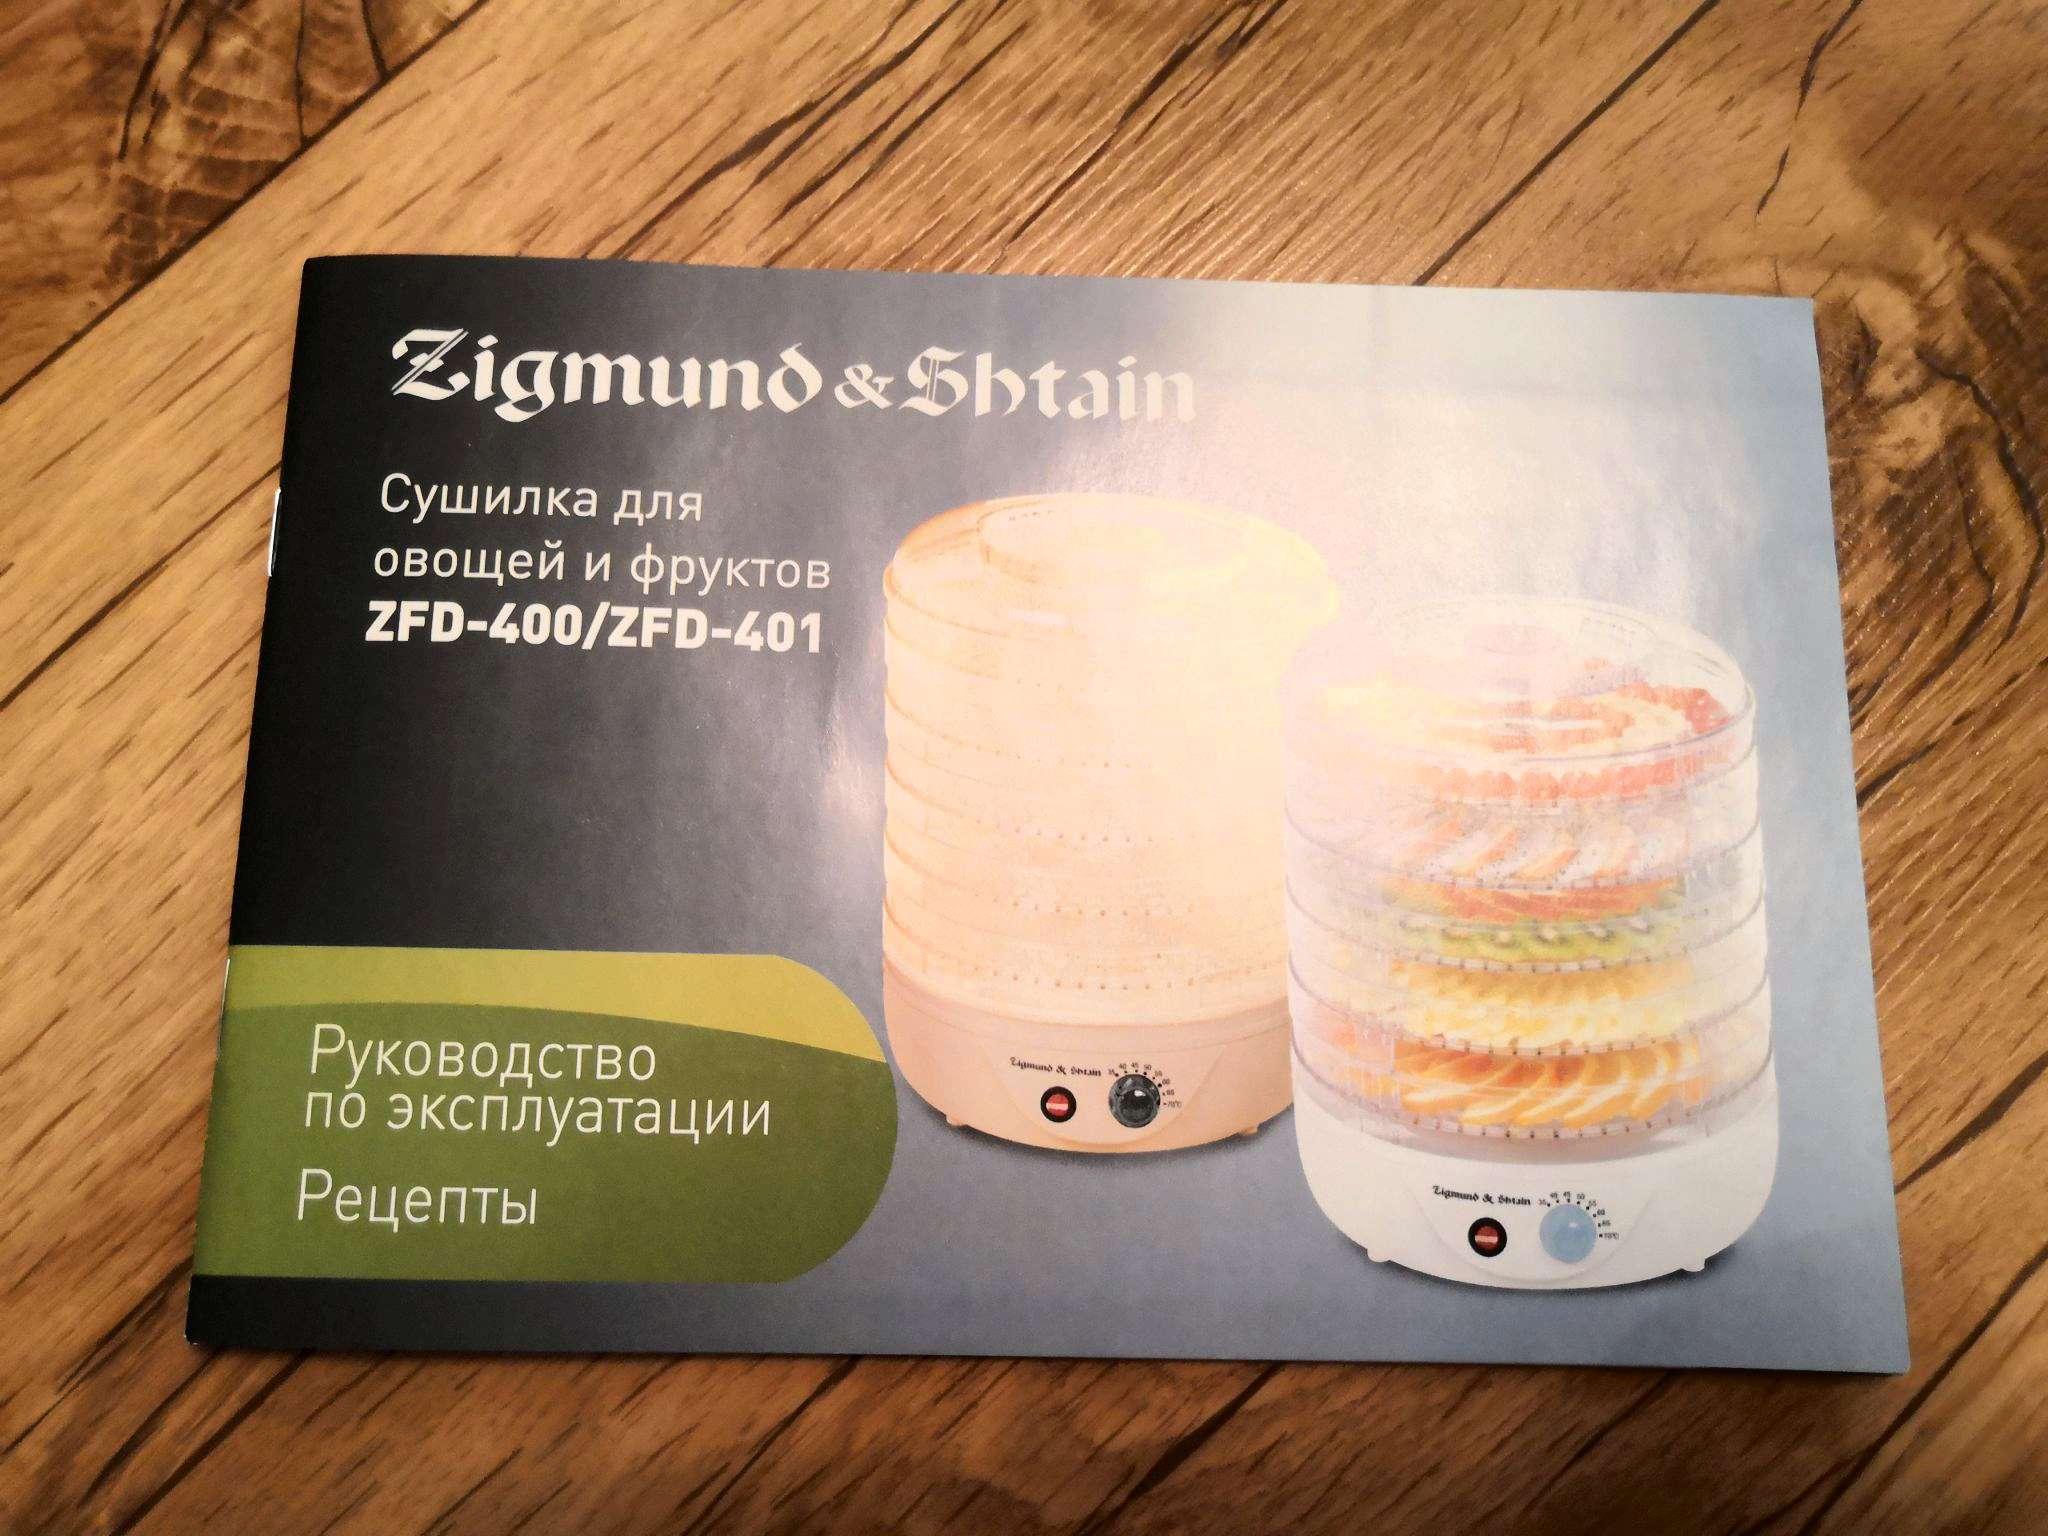 Zigmund & Shtain ZFD 400 Сушилка электрическая для овощей и фруктов с прозрачными секциями, 500 Вт, Регулировка температуры 35 70°С, 5 съемных секций, Вентилятор для равномерной сушки овощей и фруктов купить на AliExpress